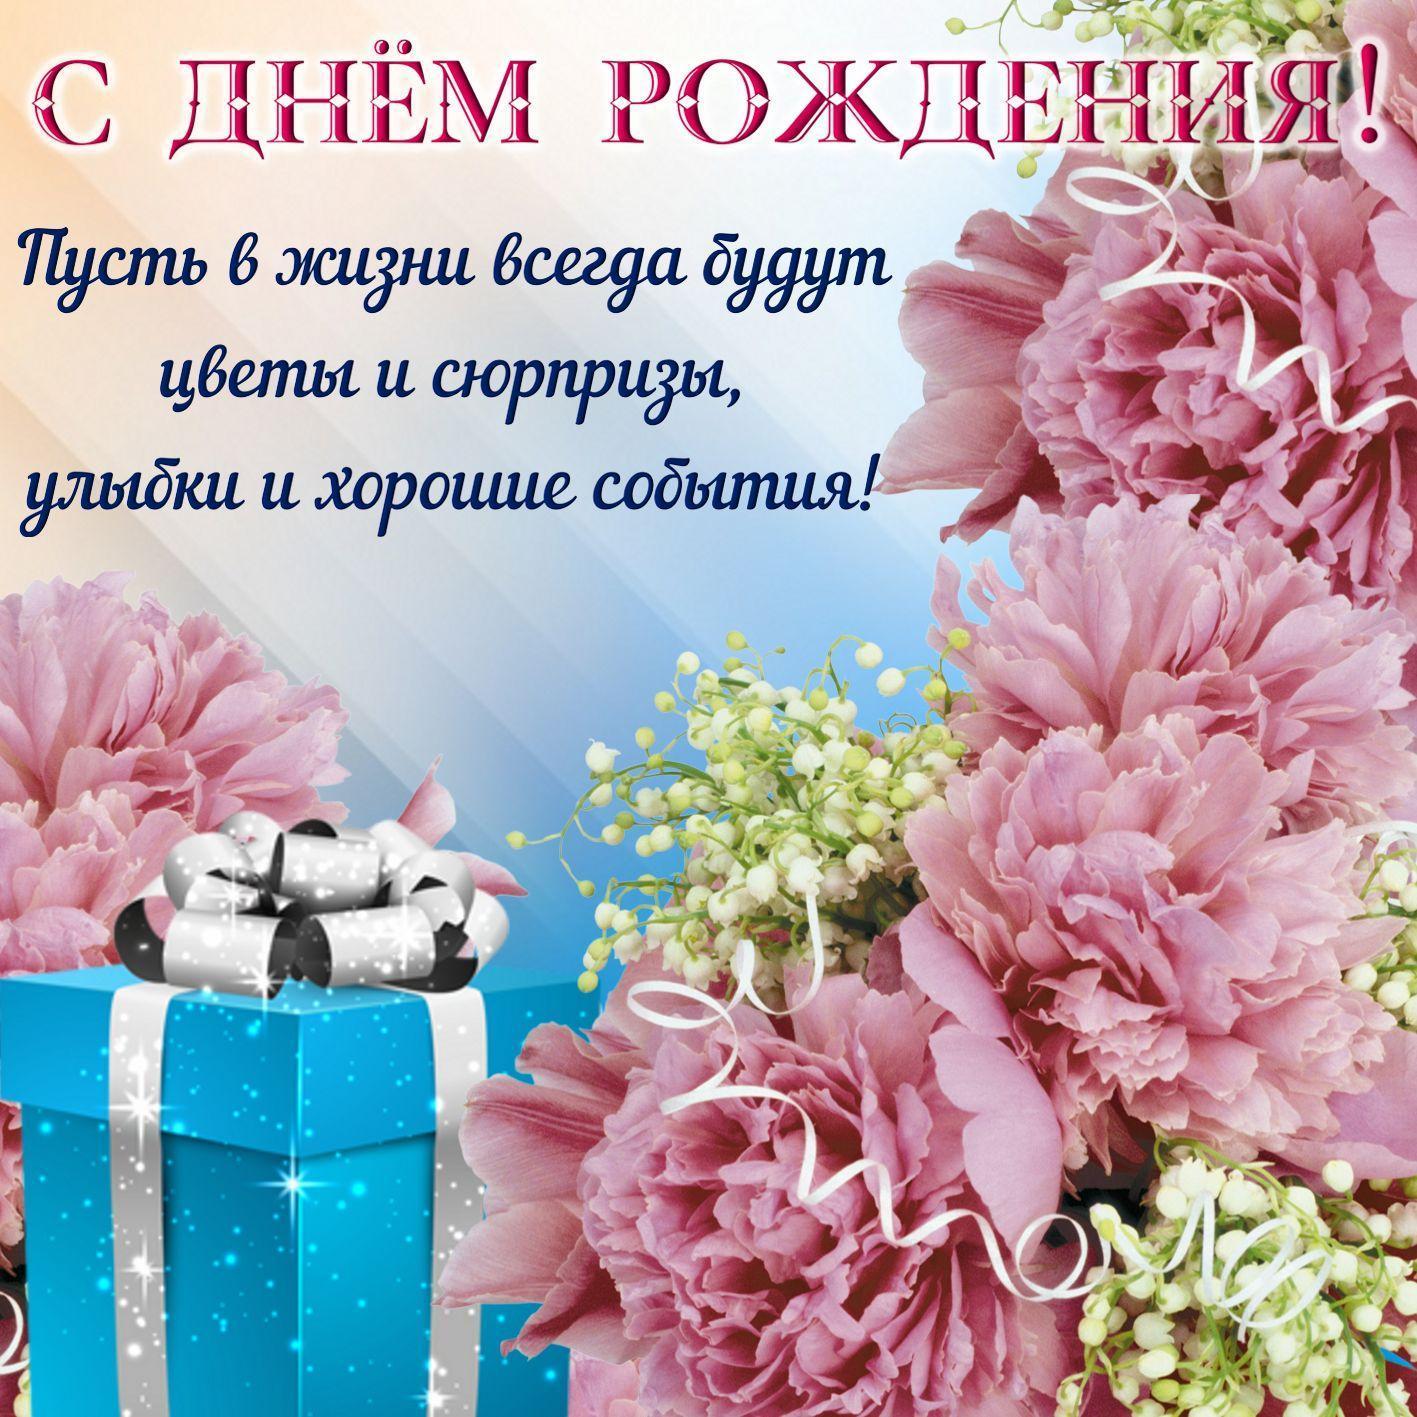 Поздравление кдню рождения женщине